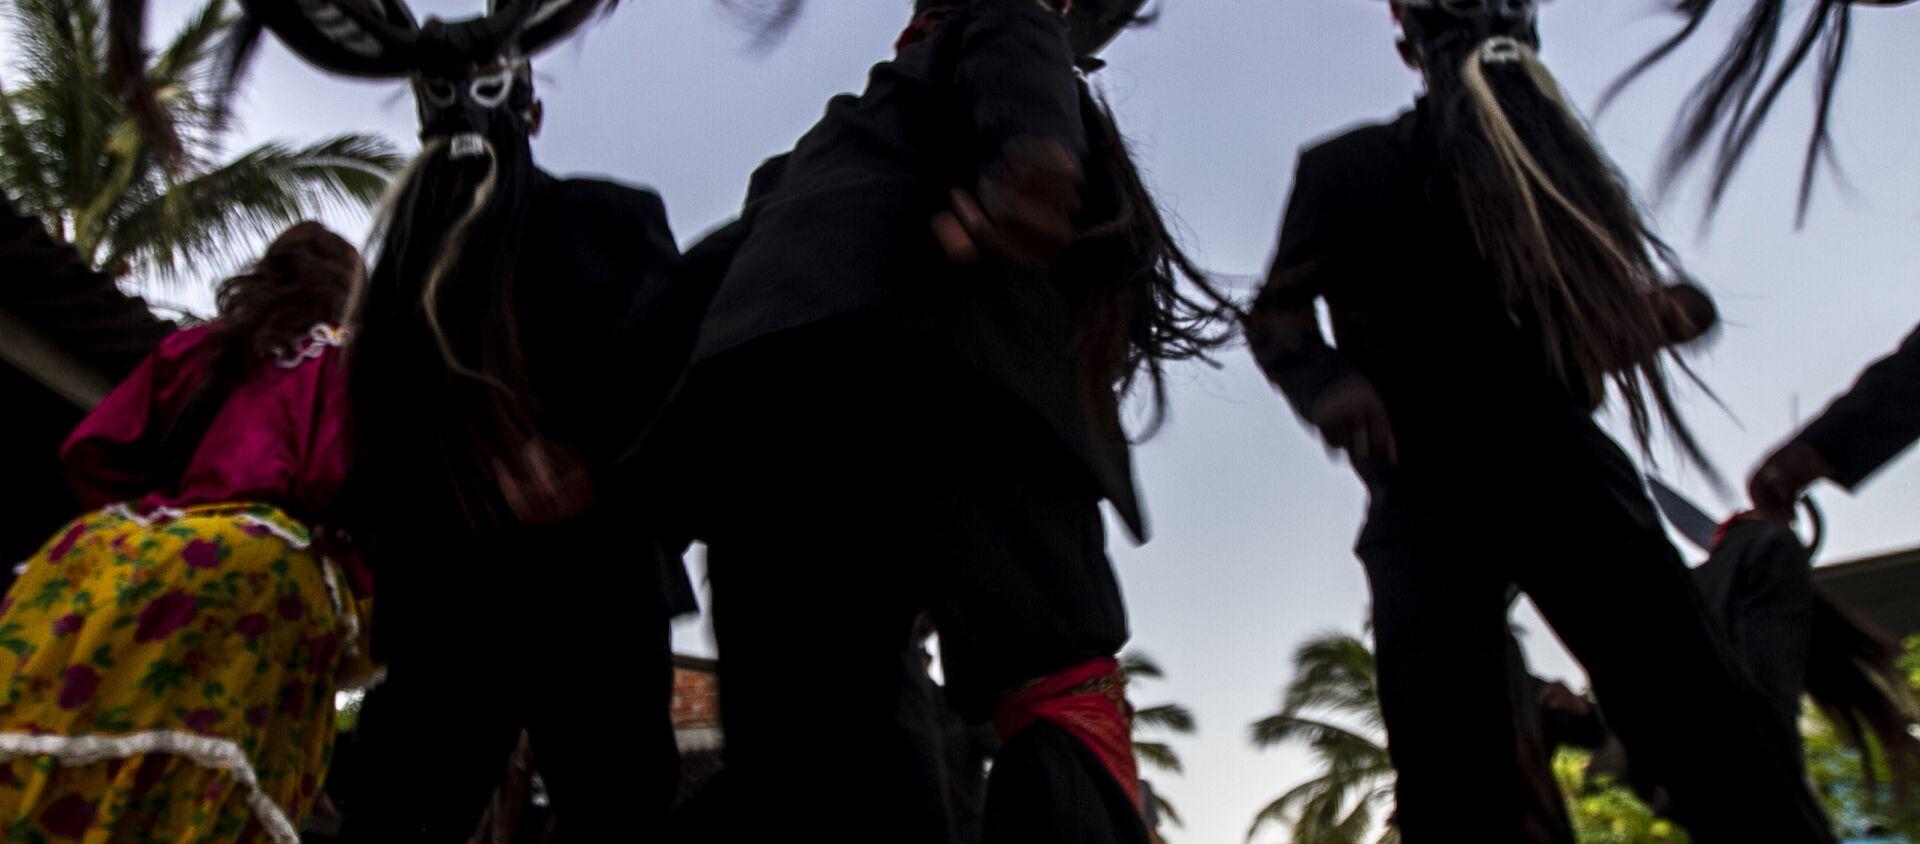 Diablos danzan en un hogar durante el Día de Muertos - Sputnik Mundo, 1920, 04.11.2019